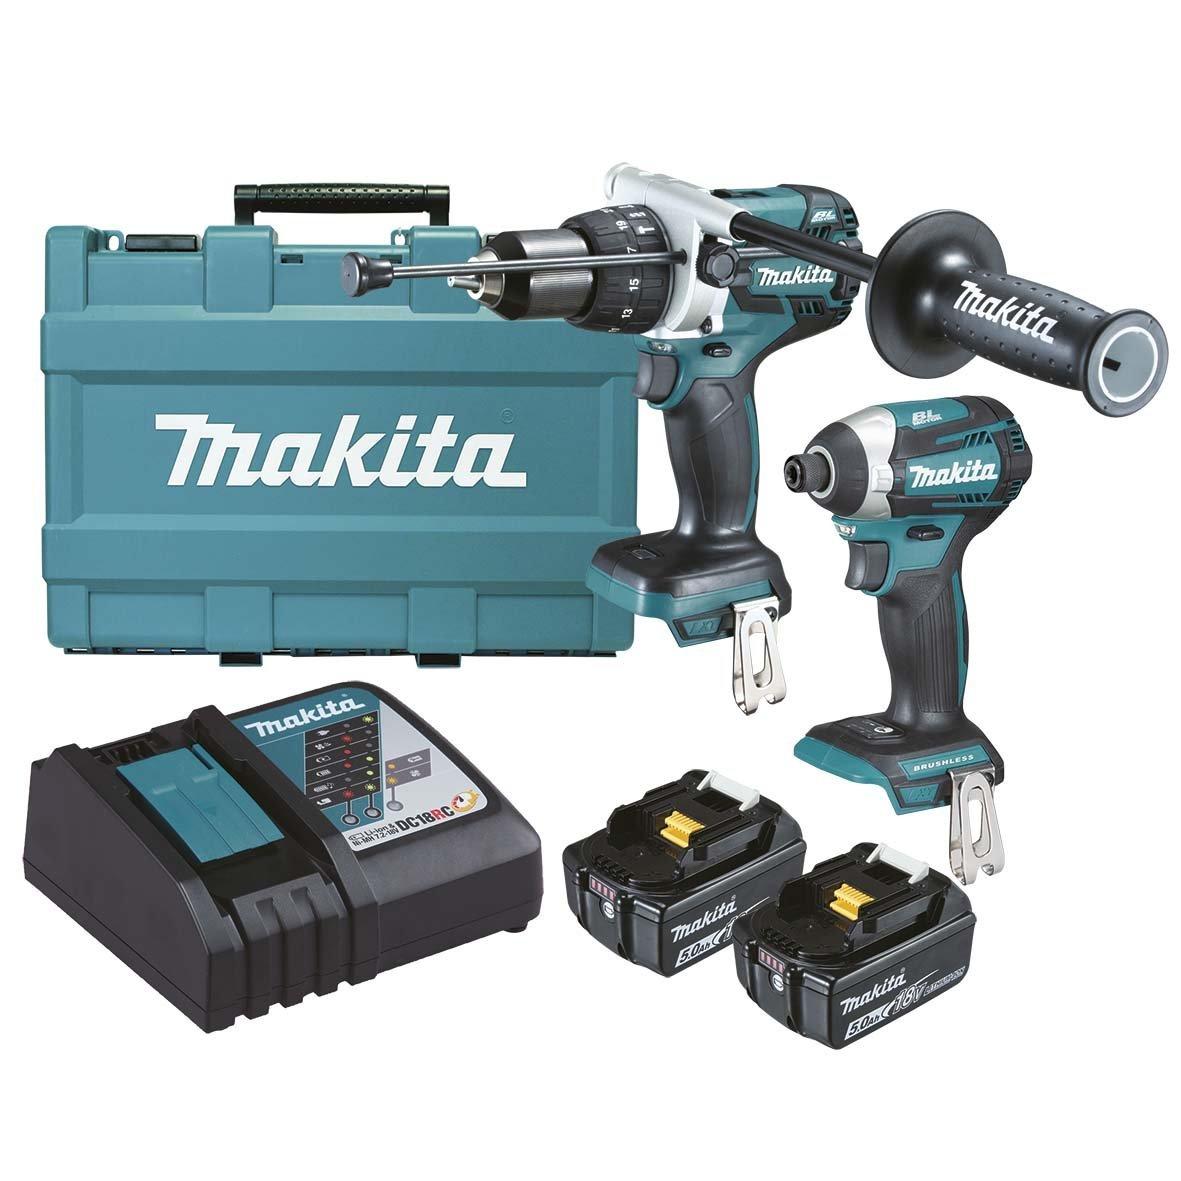 makita-drill-cordless-kit